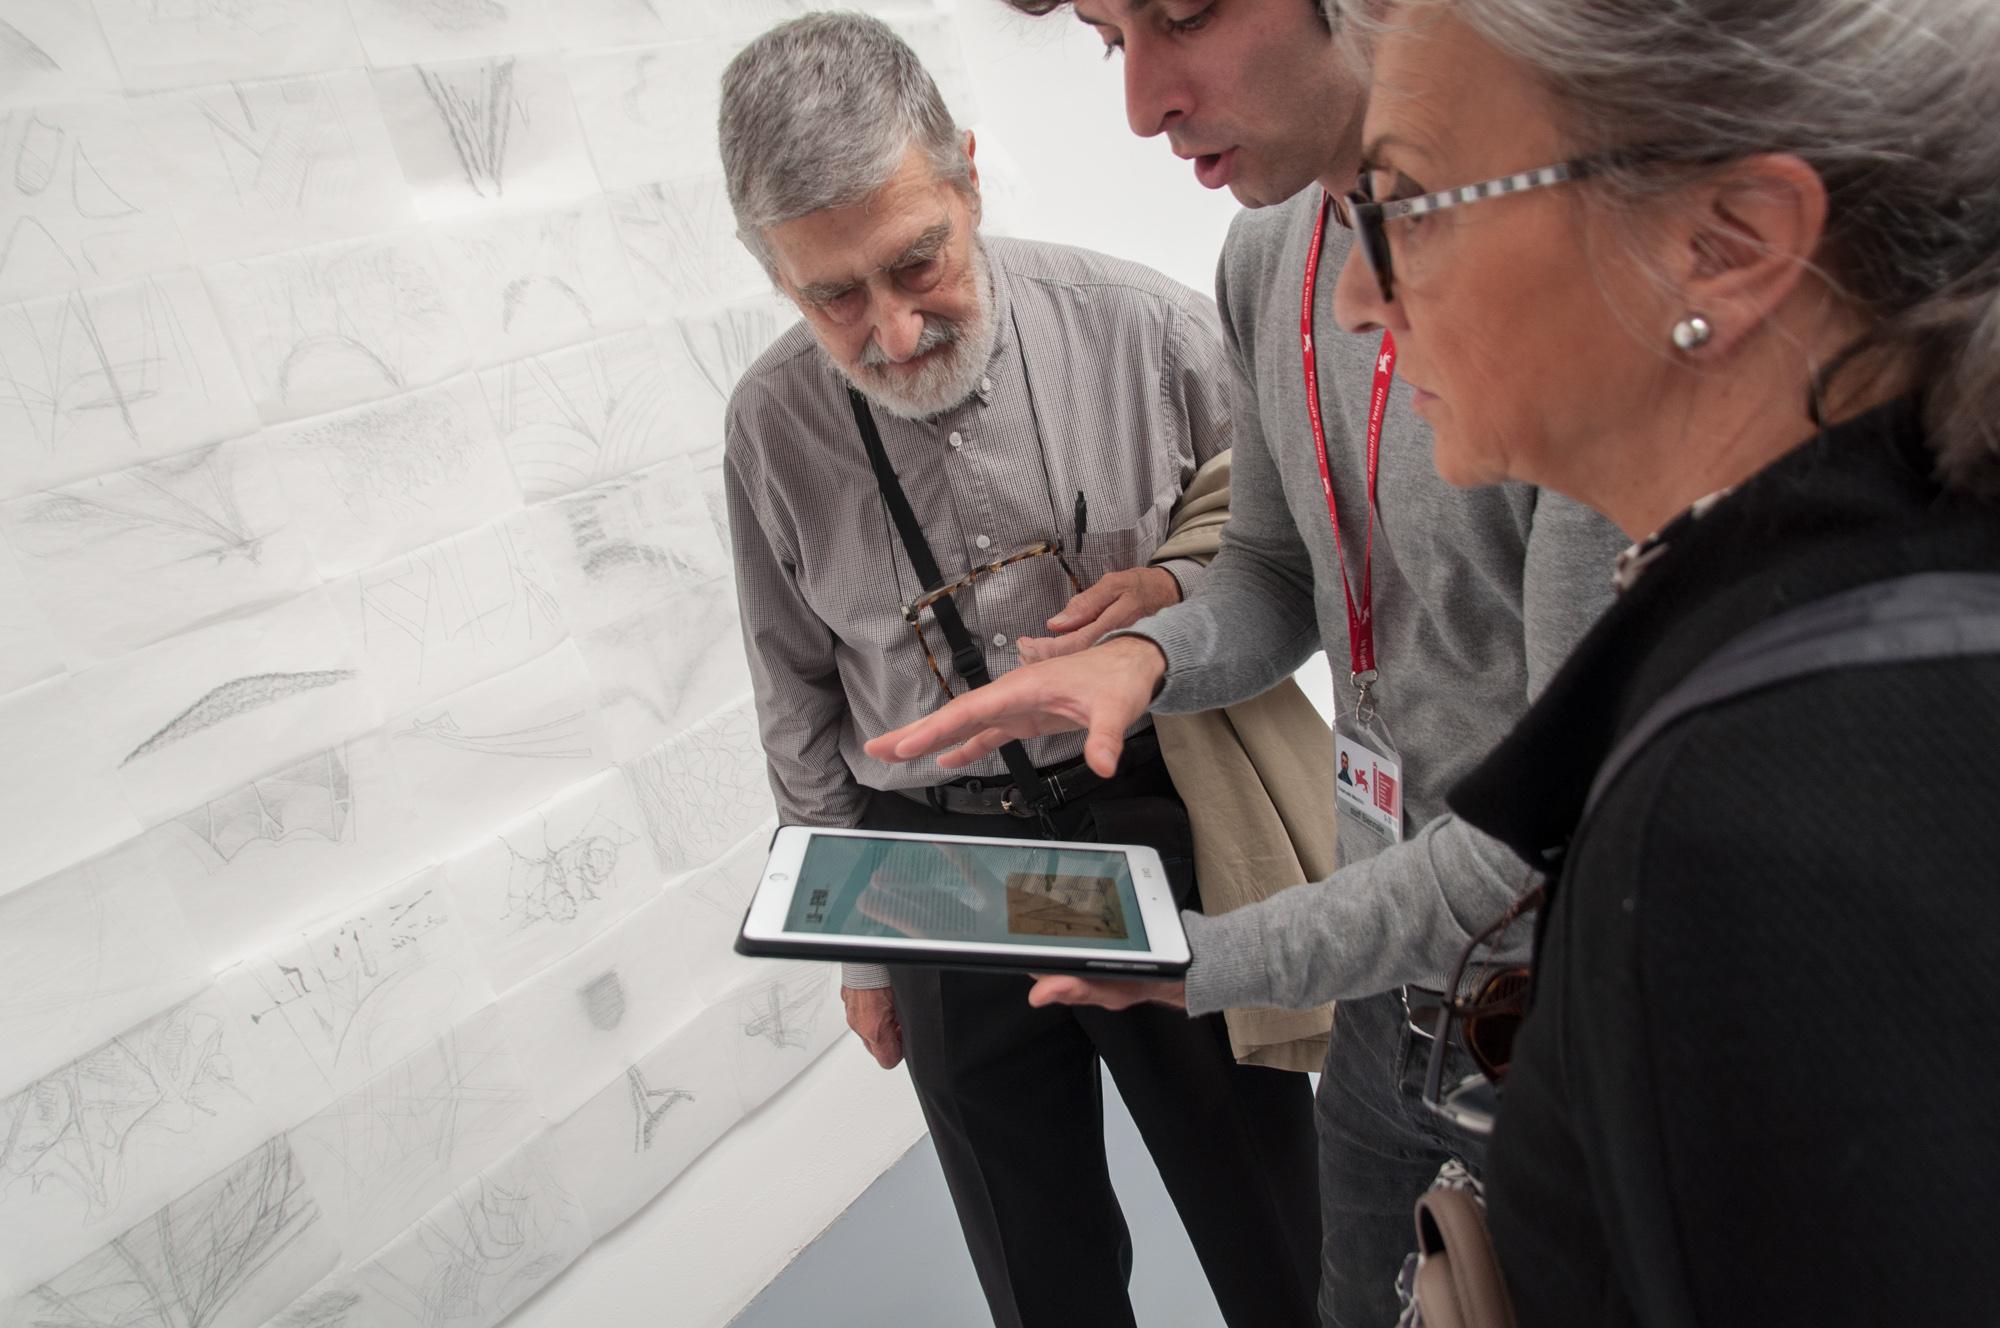 Biennale di Architettura di Venezia. Freespace Giardini 6. Photo Irene Fanizza